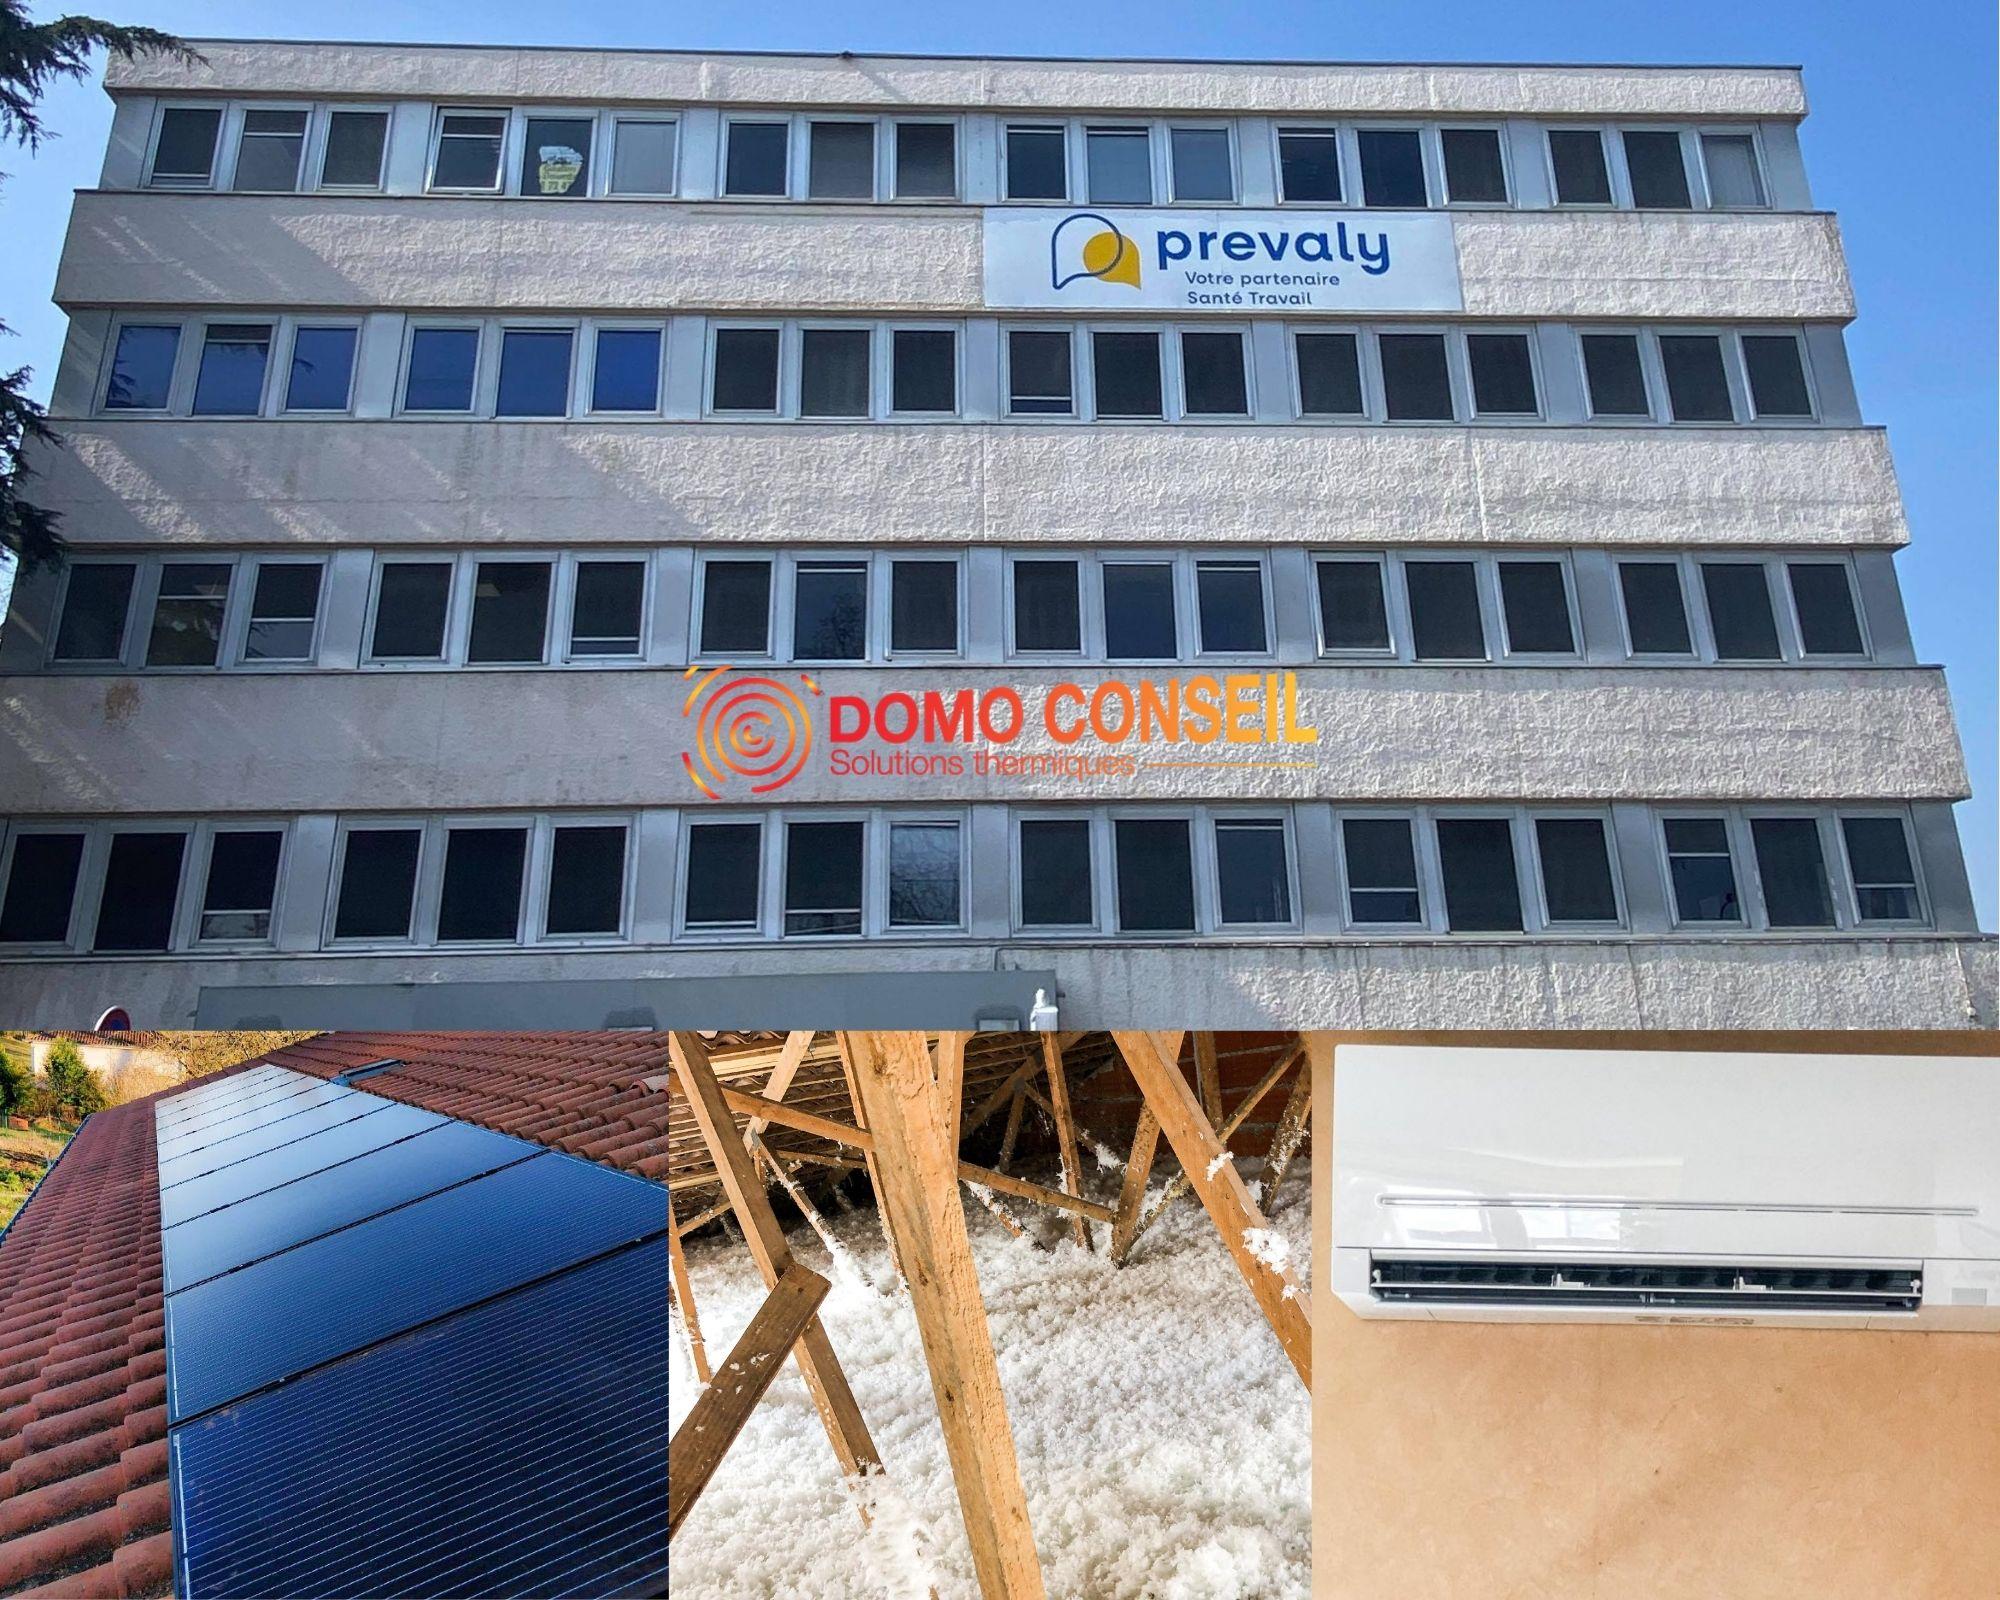 Entreprise Domo Conseil Toulouse région économie panneaux photovoltaïques isolation climatisation